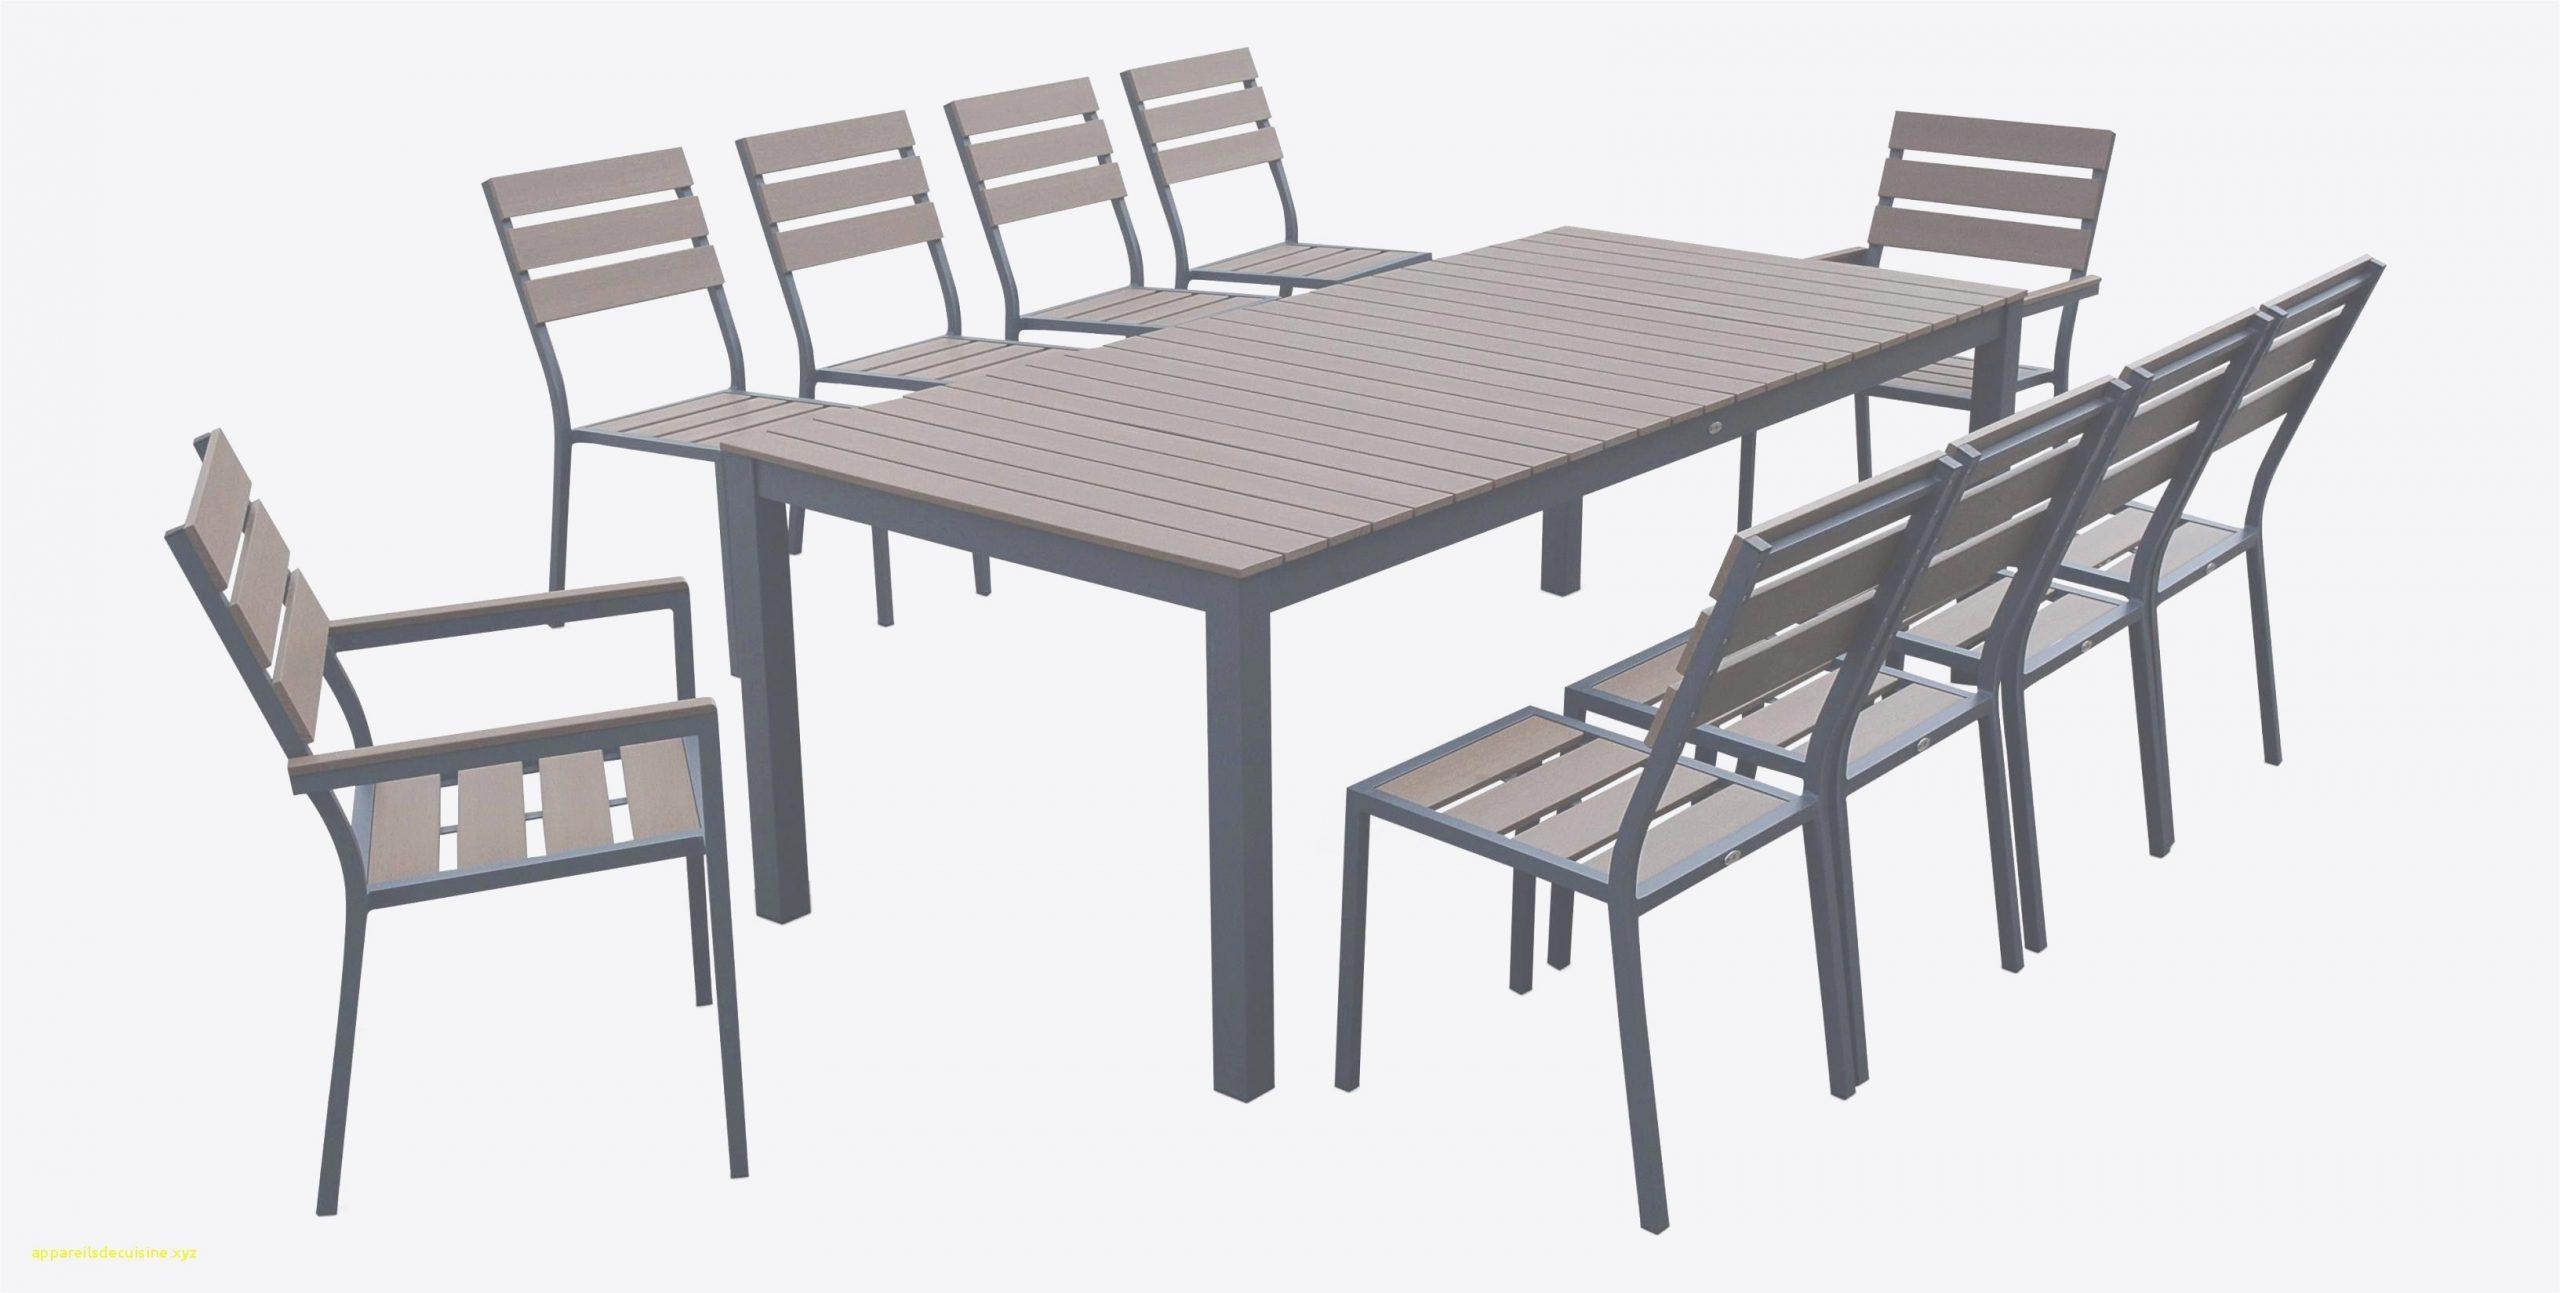 Meubles Carrefour Soldes Table Basse De Jardin Pas Cher ... intérieur Chaise Longue De Jardin Carrefour